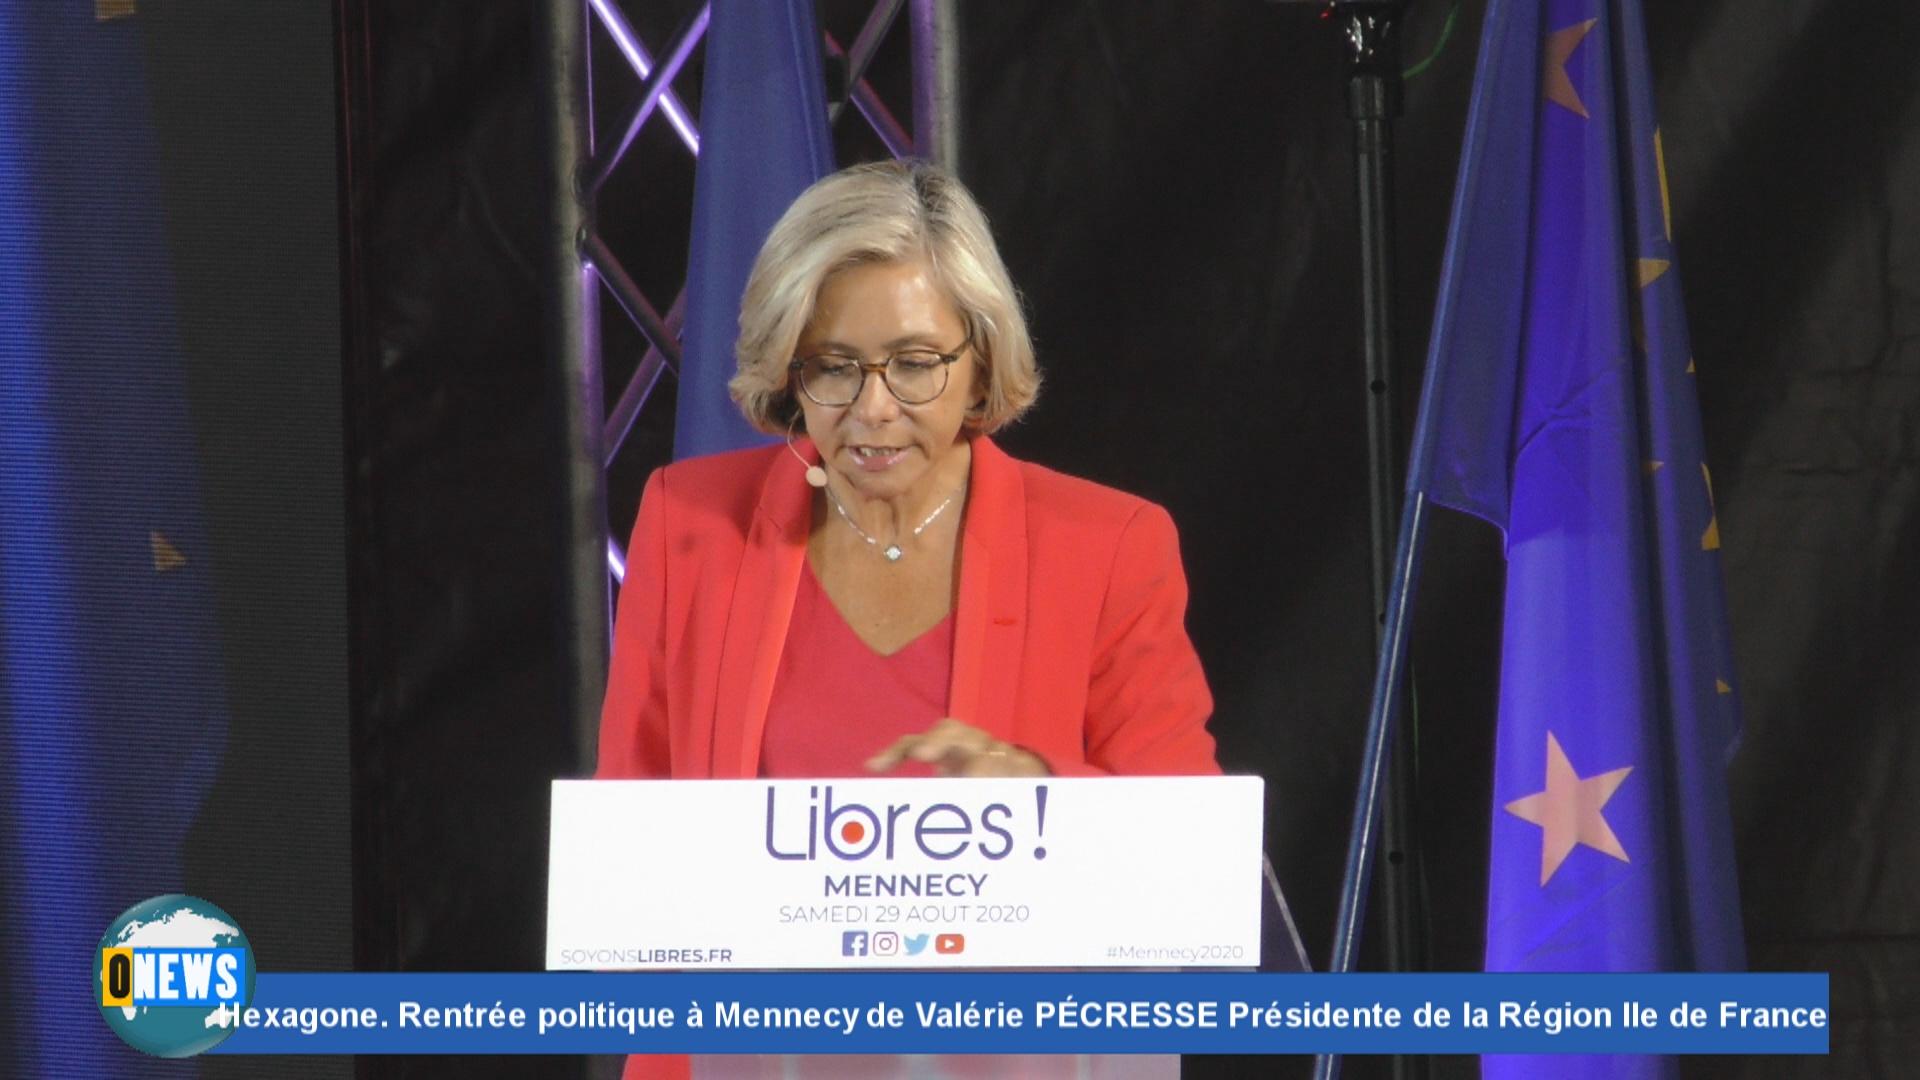 [Vidéo] Hexagone. Rentrée politique à Mennecy de Valérie PÉCRESSE Présidente de la Région Ile de France